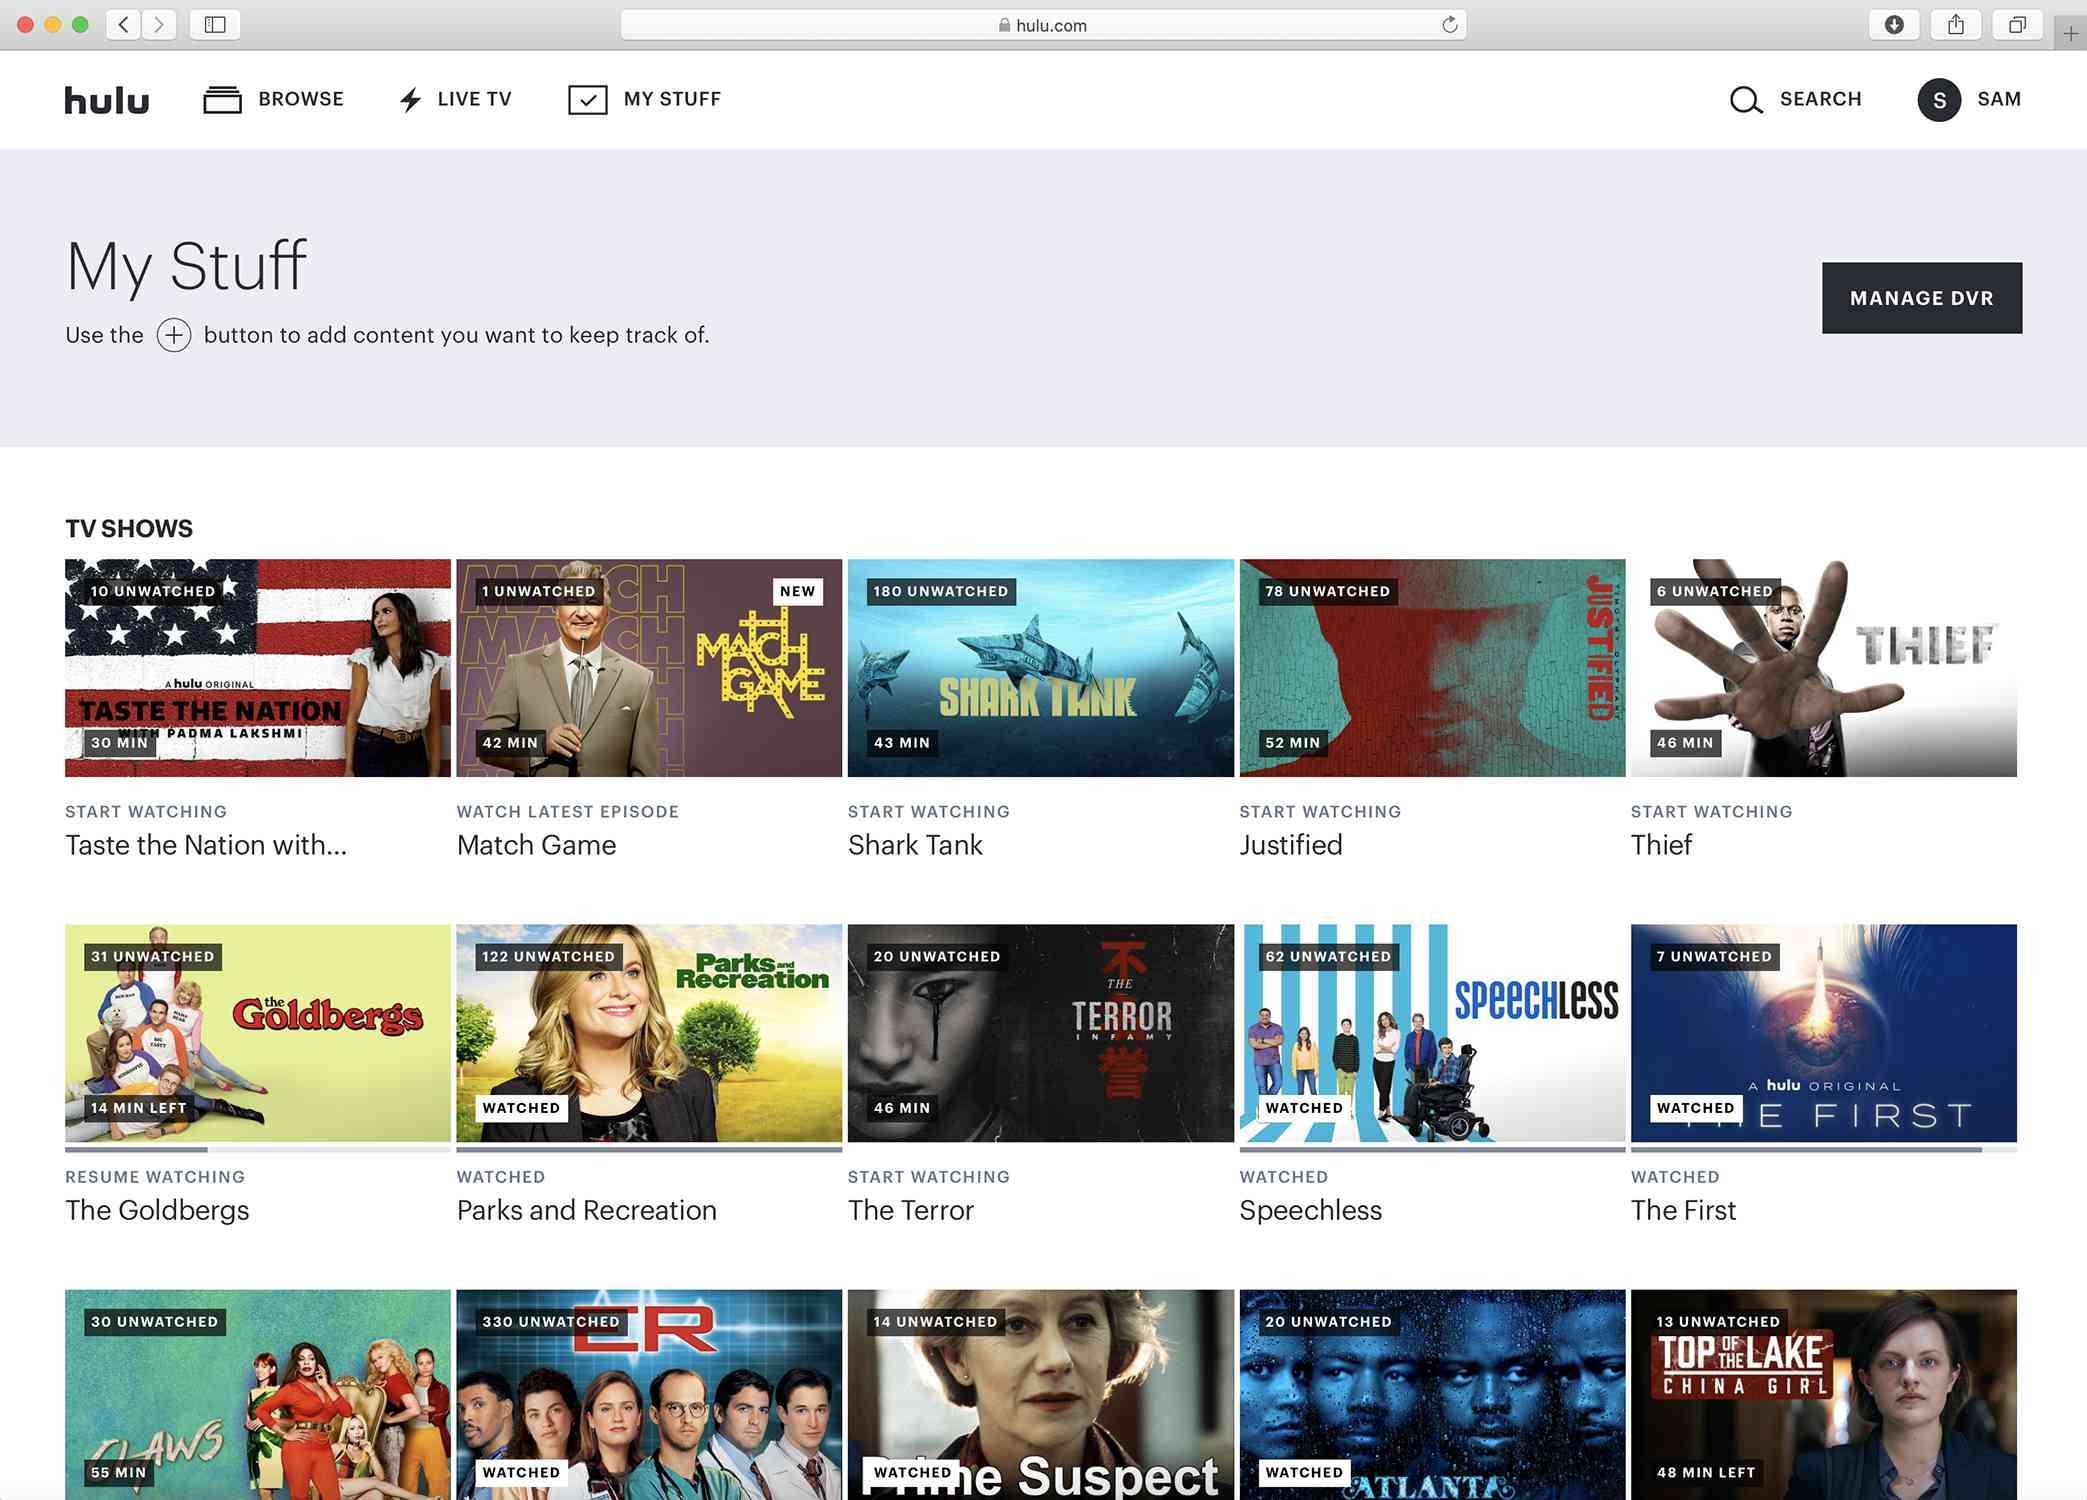 Screenshot of the Hulu My Stuff page